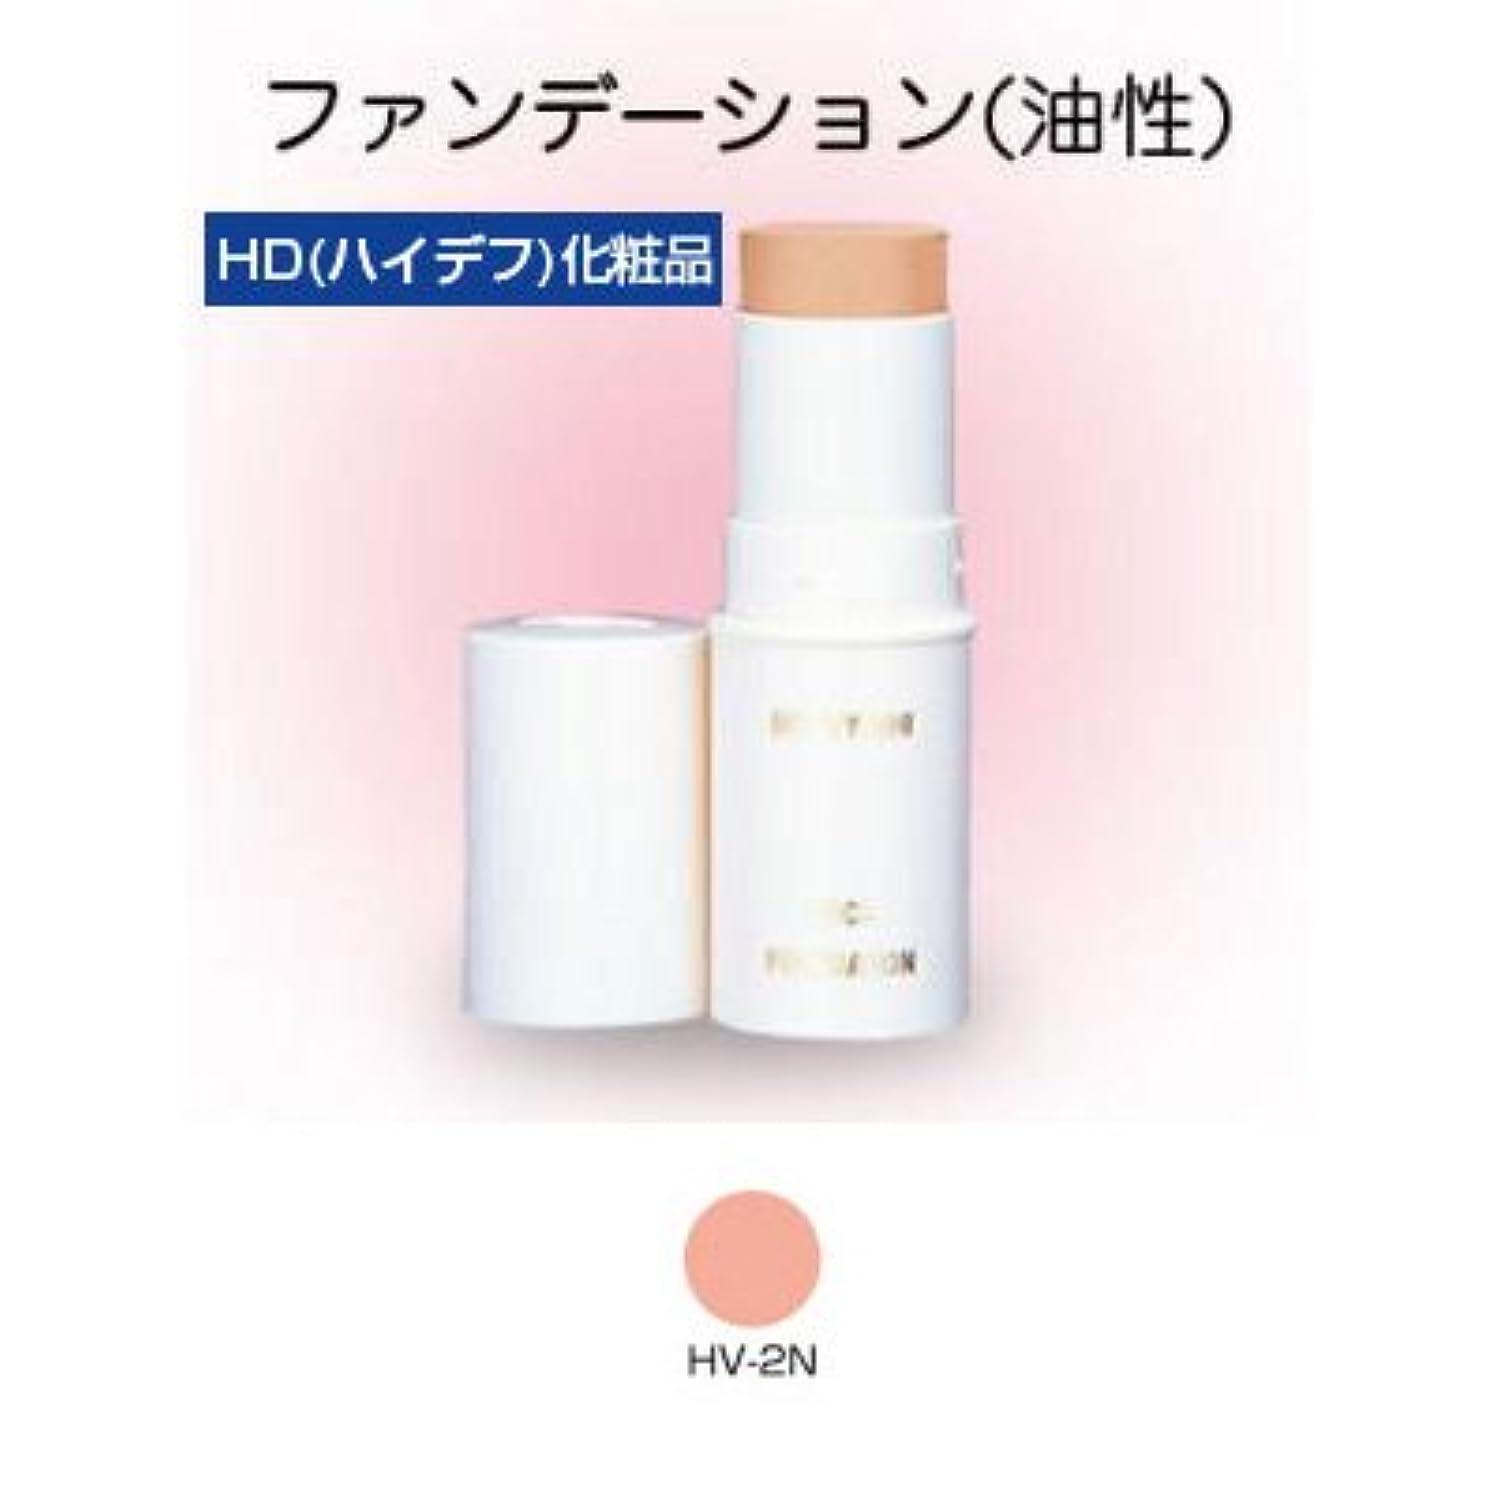 あからさま卵再びスティックファンデーション HD化粧品 17g 2NR 【三善】